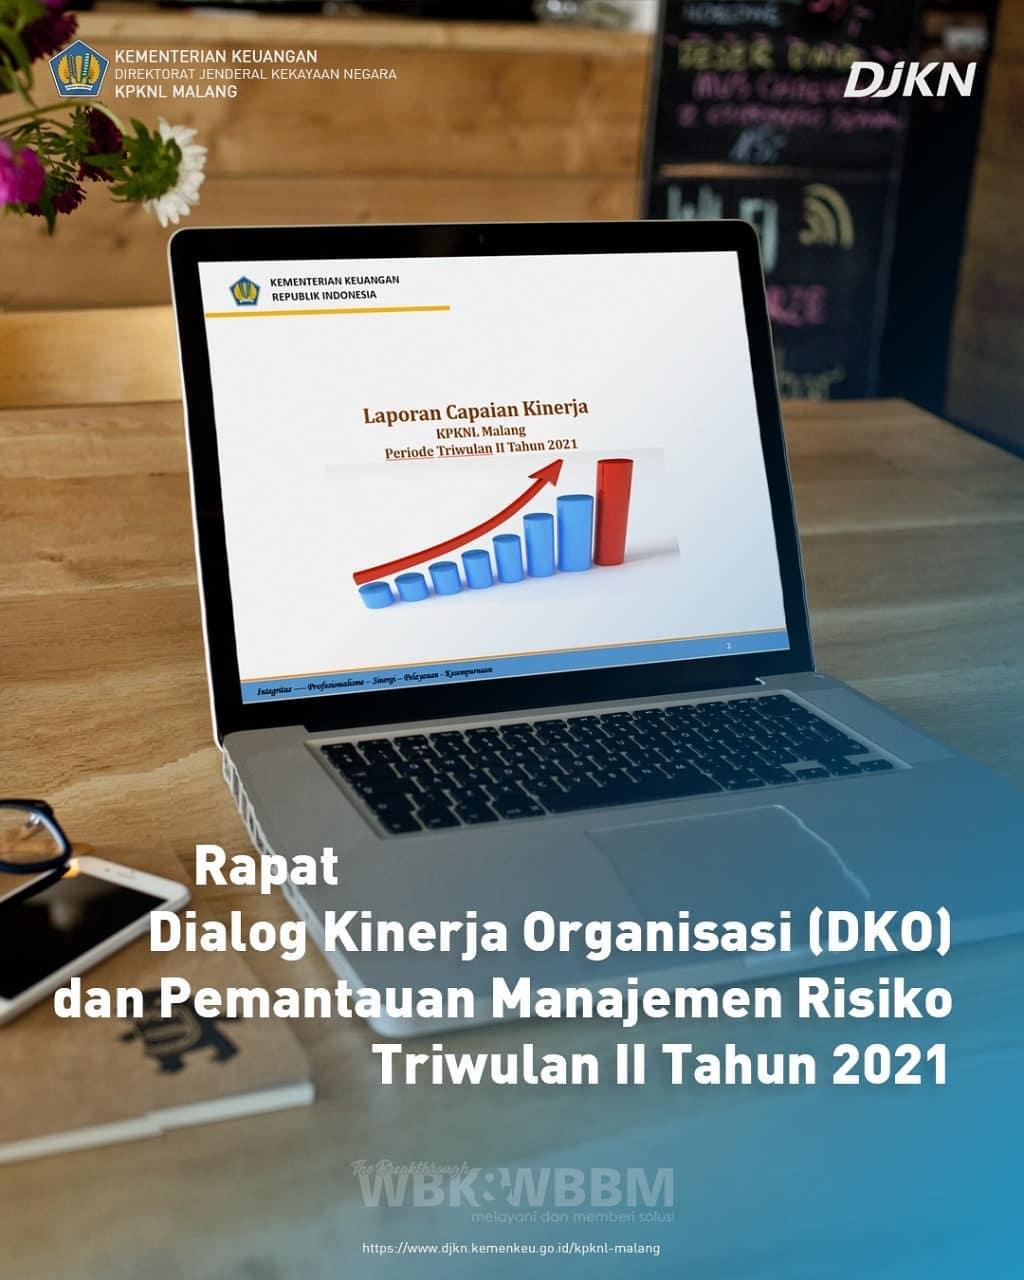 KPKNL Malang menggelar Rapat terkait Dialog Kinerja Organisasi (DKO) dan Manajemen Risiko Triwulan II Tahun 2021.